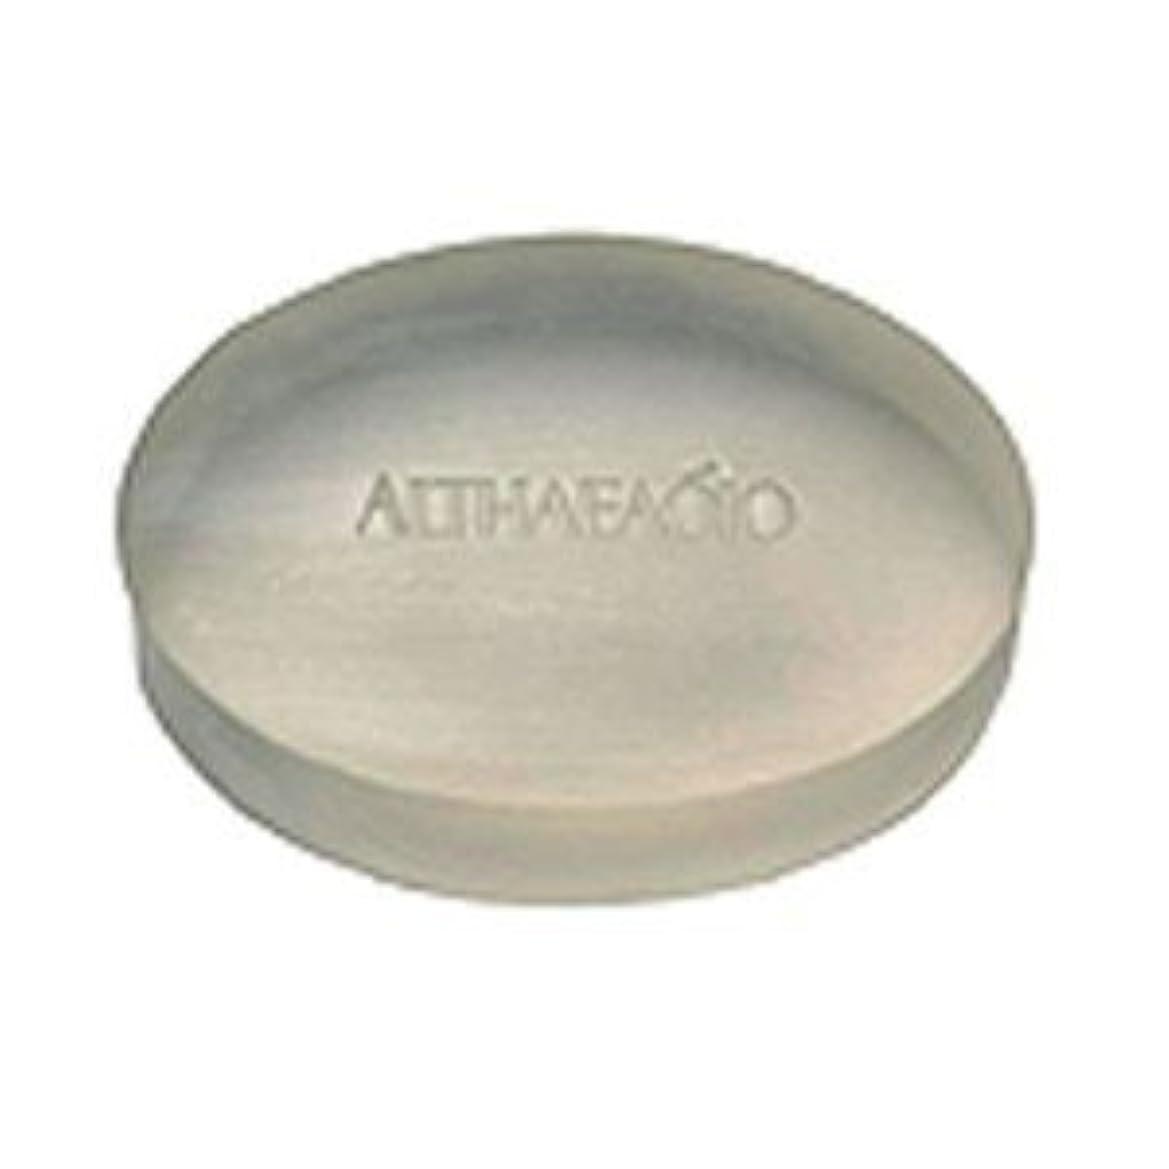 ミサイルチーフ天セプテム エルテオ ソープ レフィル 100g 薬用洗顔石けん